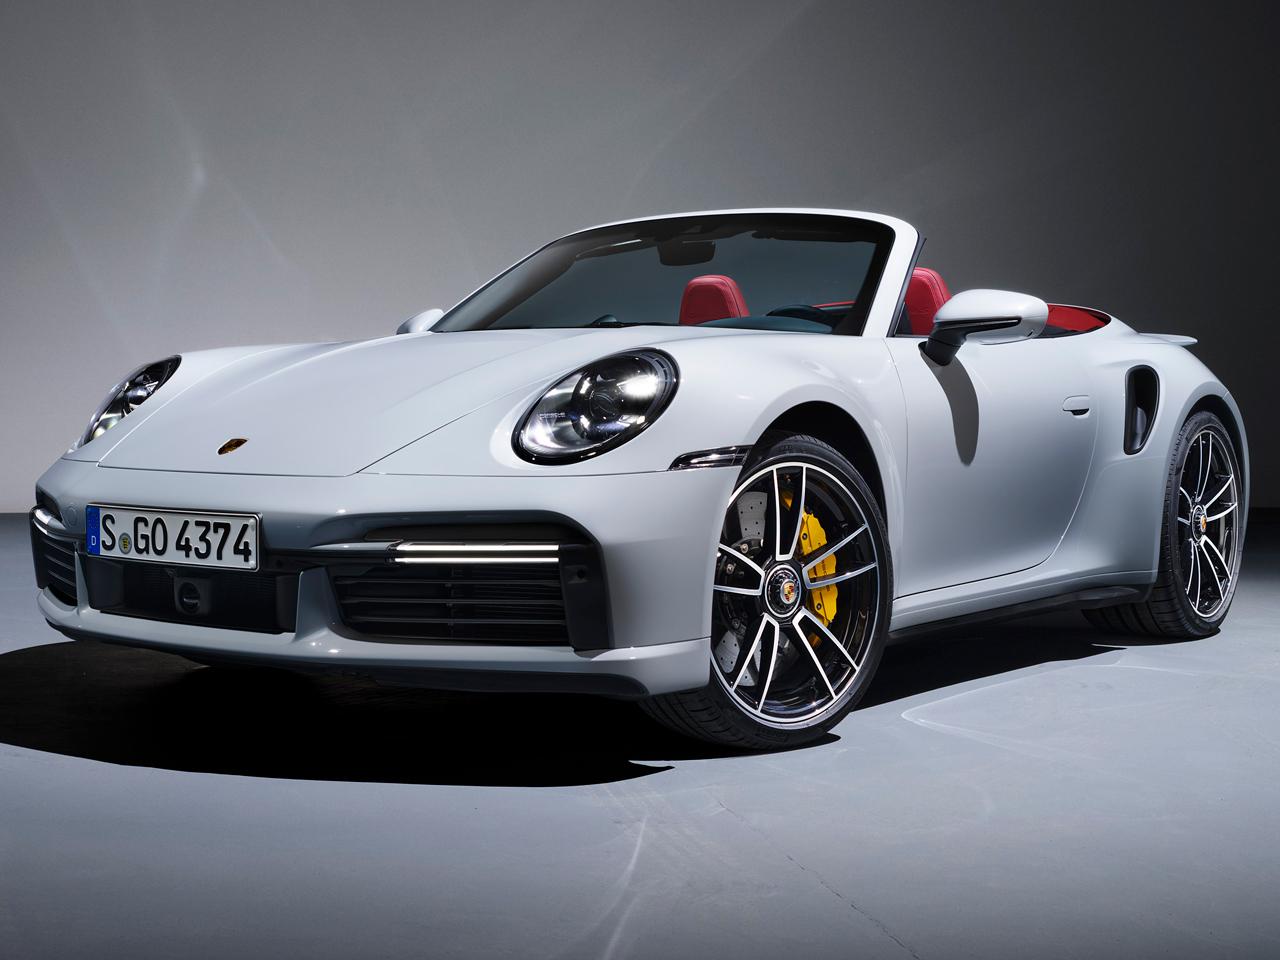 ポルシェ 911ターボ カブリオレ 2020年モデル 新車画像